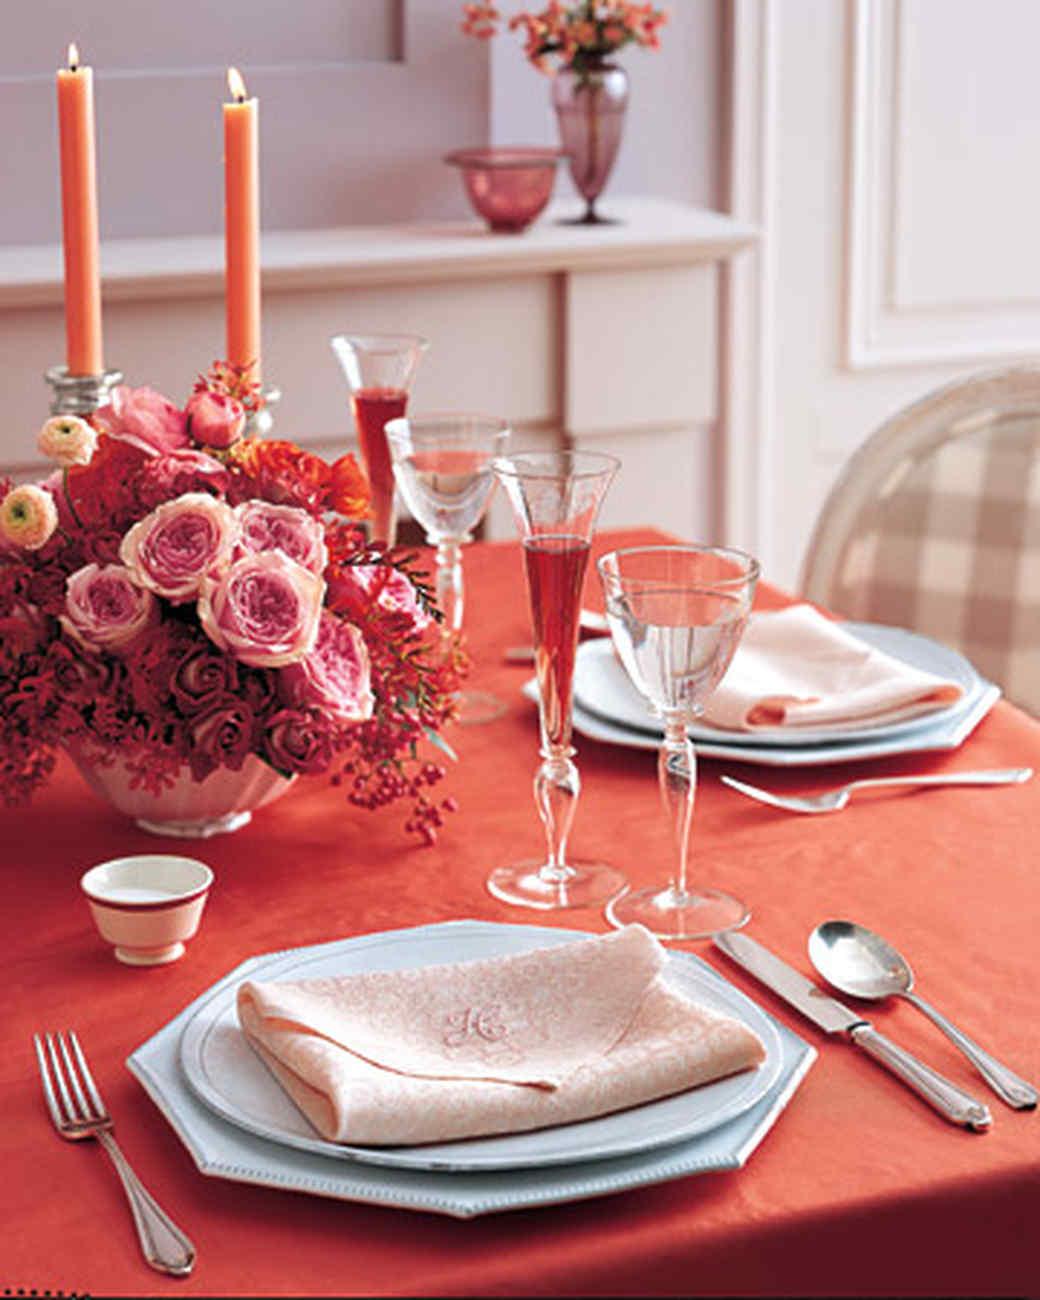 Как сделать уютный романтический ужин своими руками 7